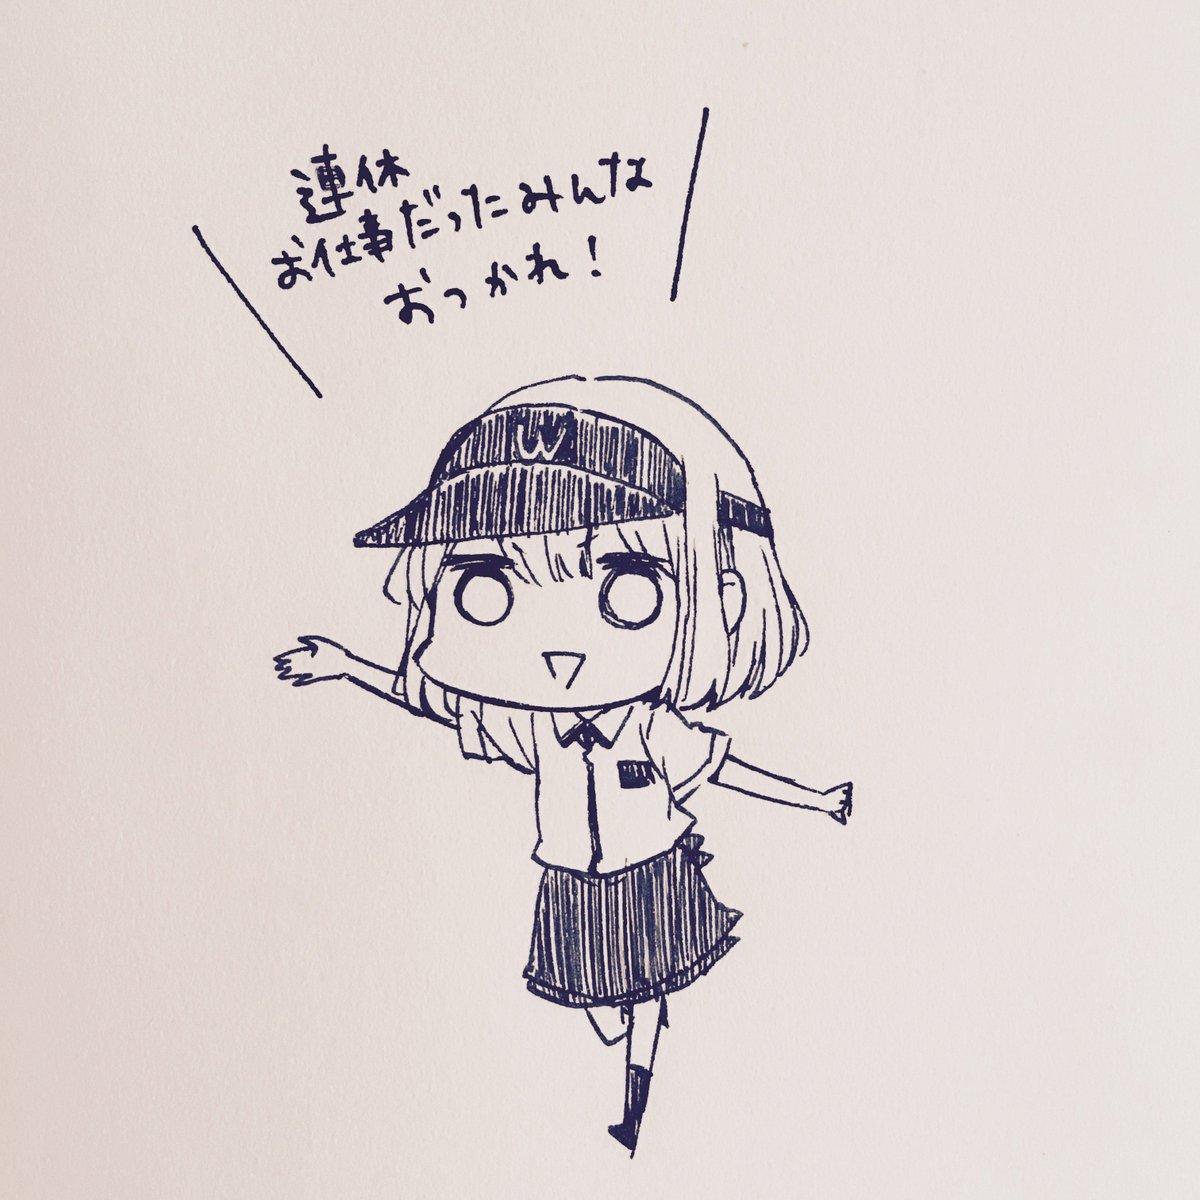 89話更新日です🍔ワクワクワック🍔今週もよろしくお願いいたします!『田中くんはいつもけだるげ』 episode.89 公